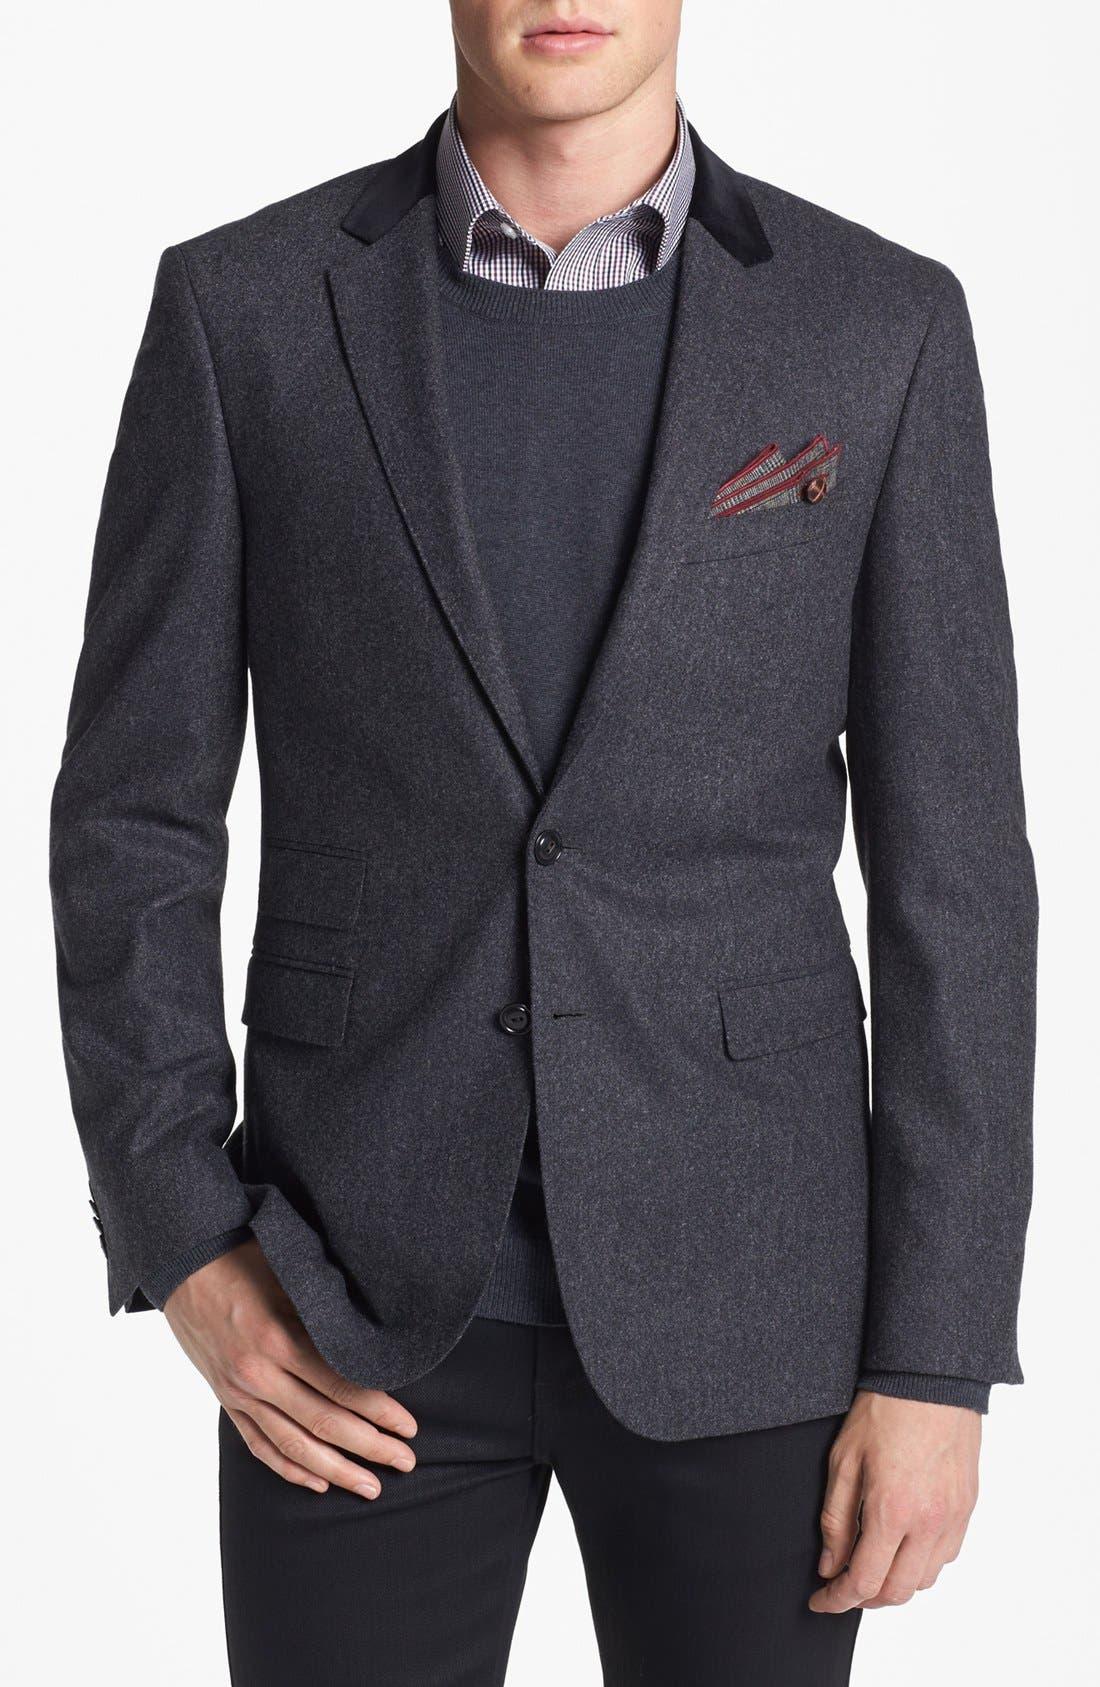 Alternate Image 1 Selected - BOSS HUGO BOSS 'Rayford' Trim Fit Blazer